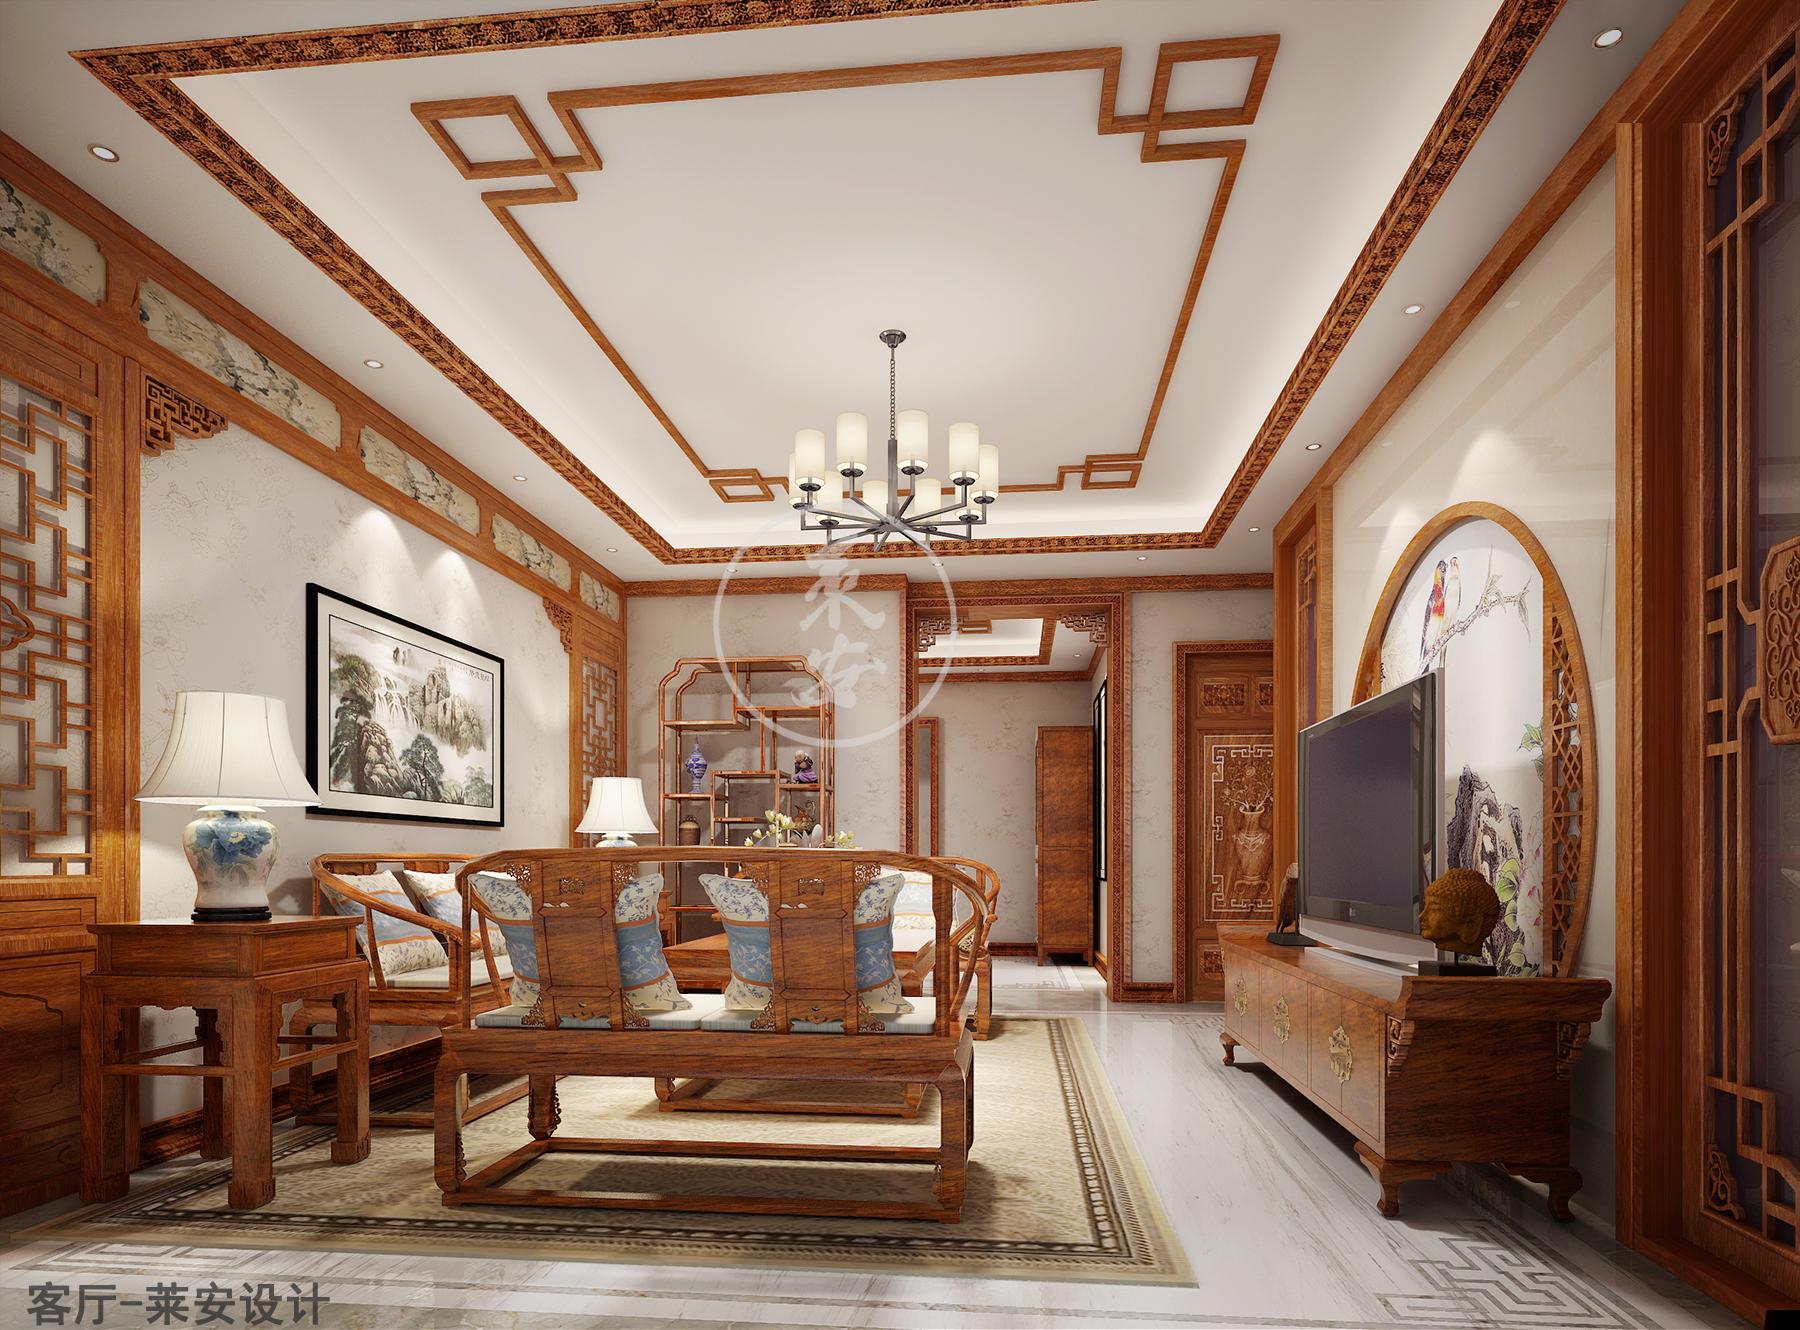 与诗意比邻而居,同风雅形影相依,缅甸花梨中式装修带图片